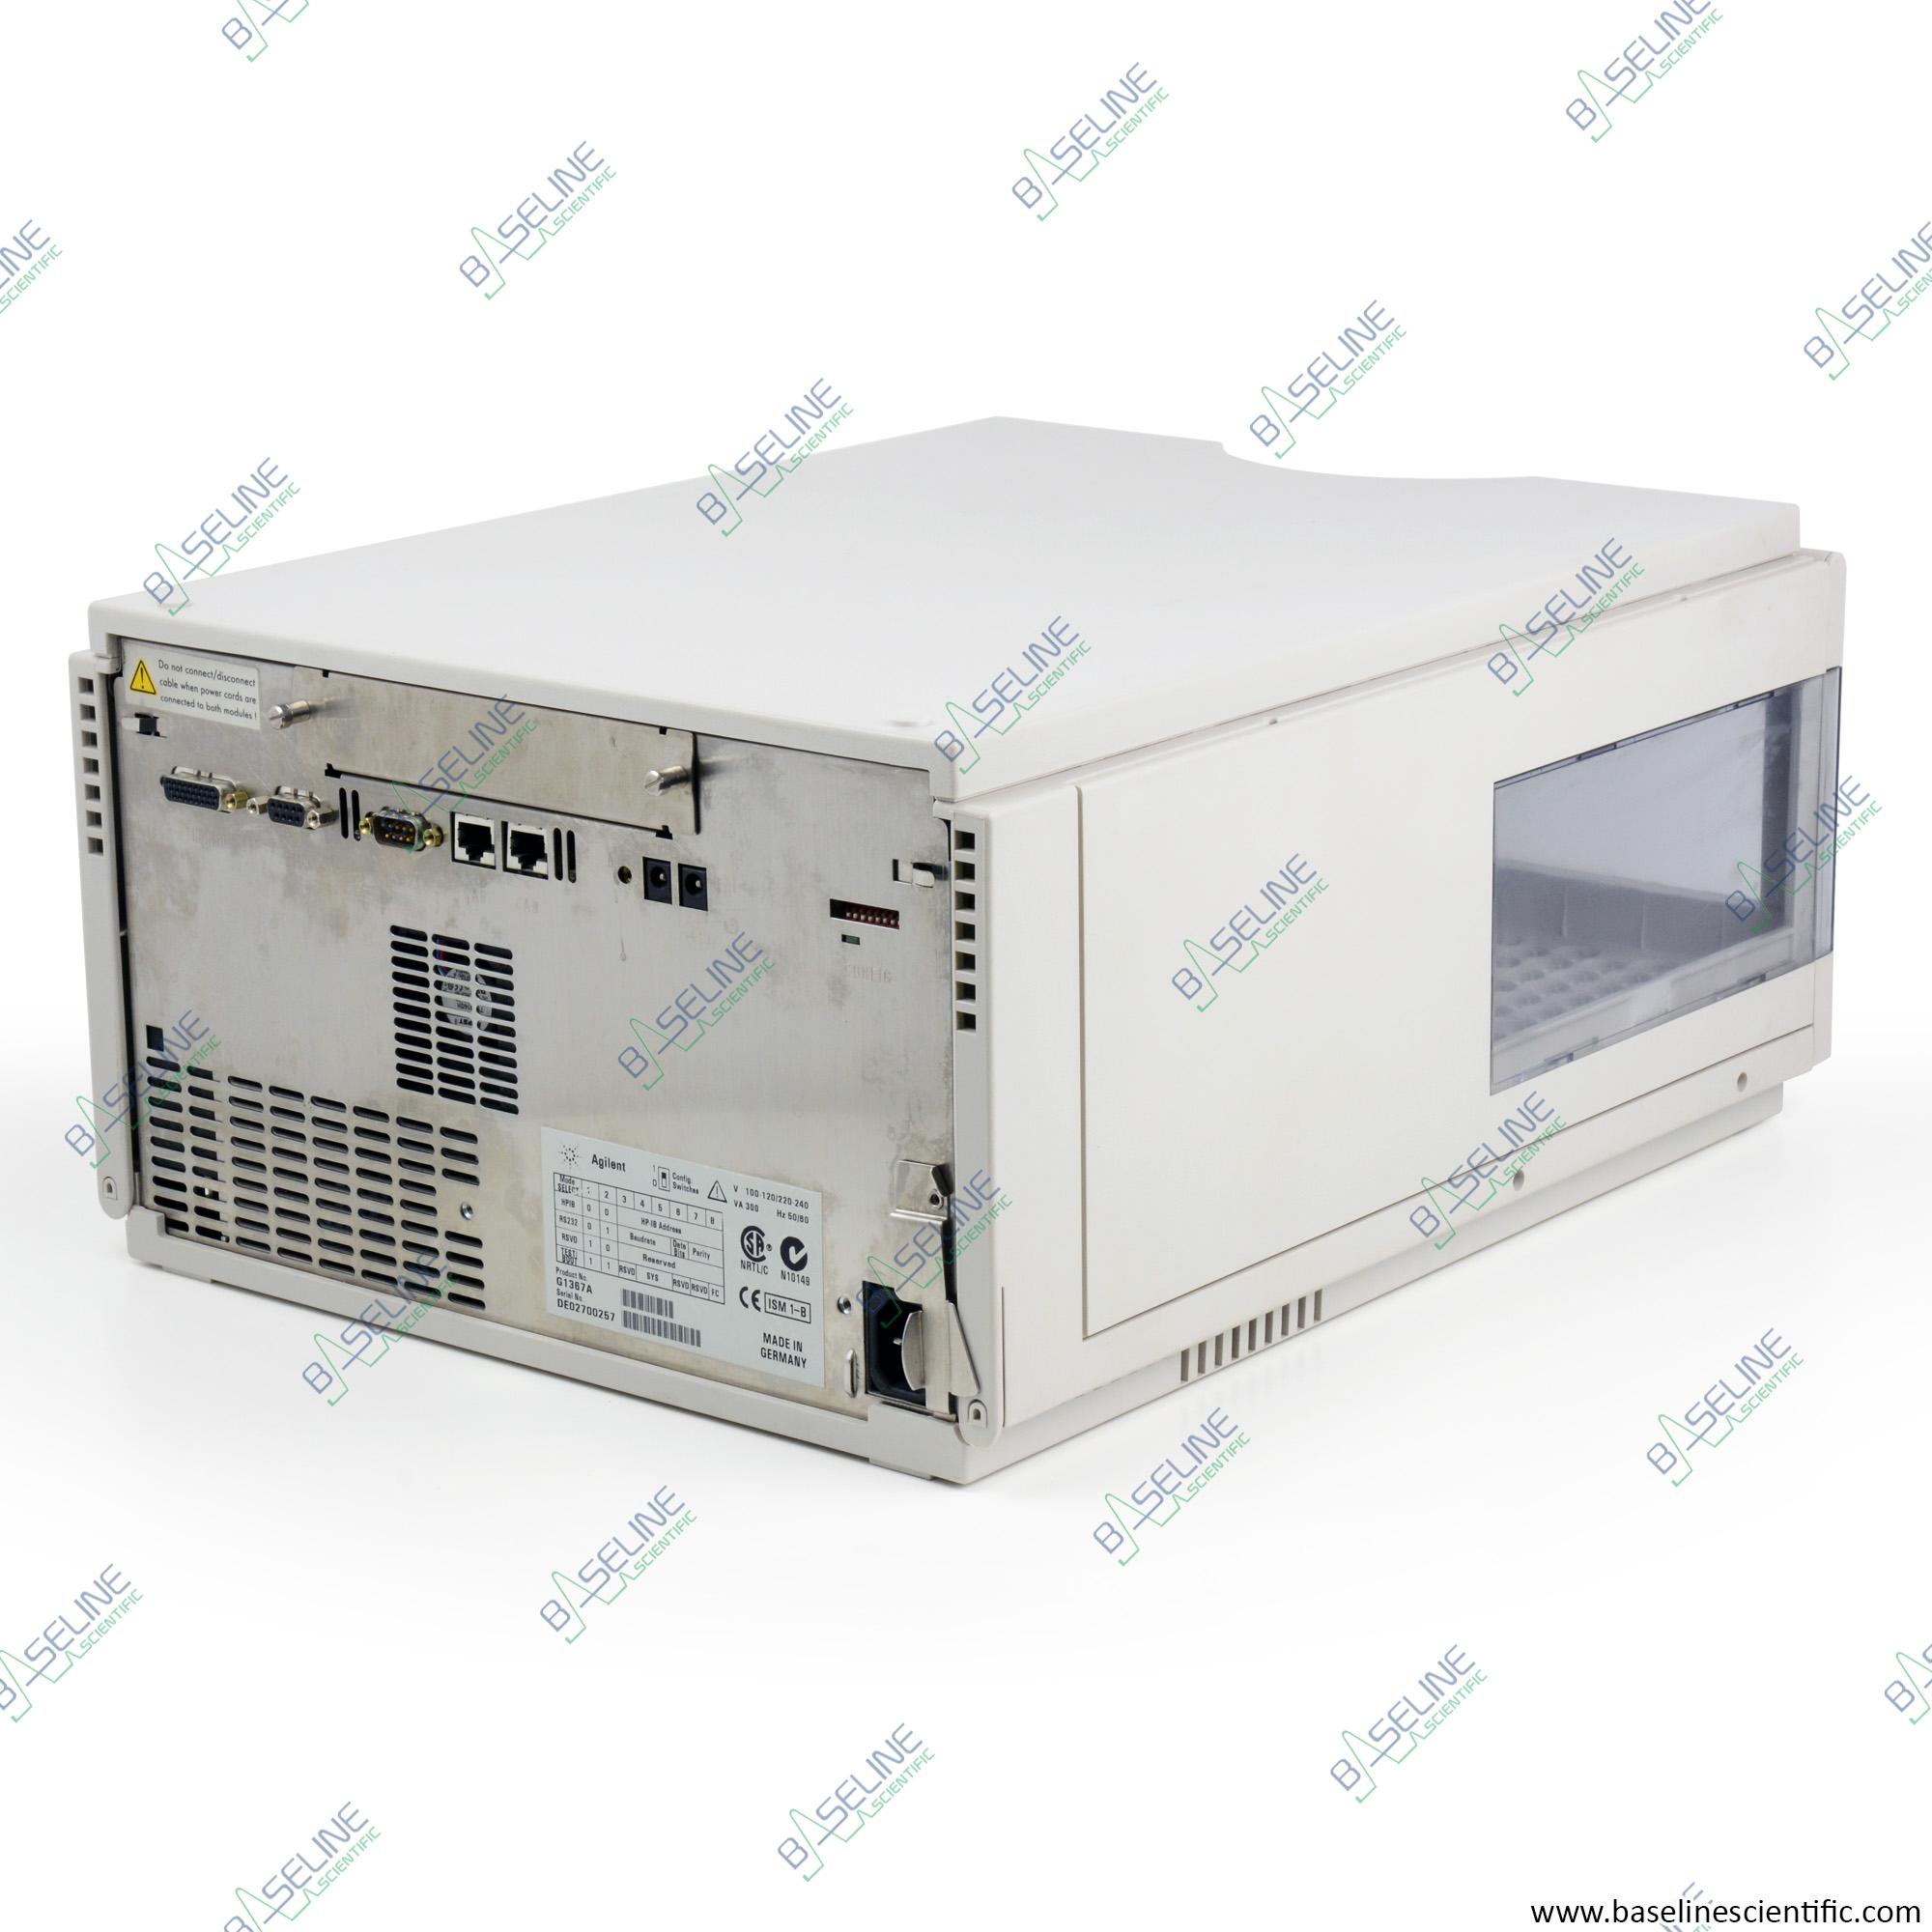 Gebraucht Agilent G1367A Mess und Laborgeräte zu